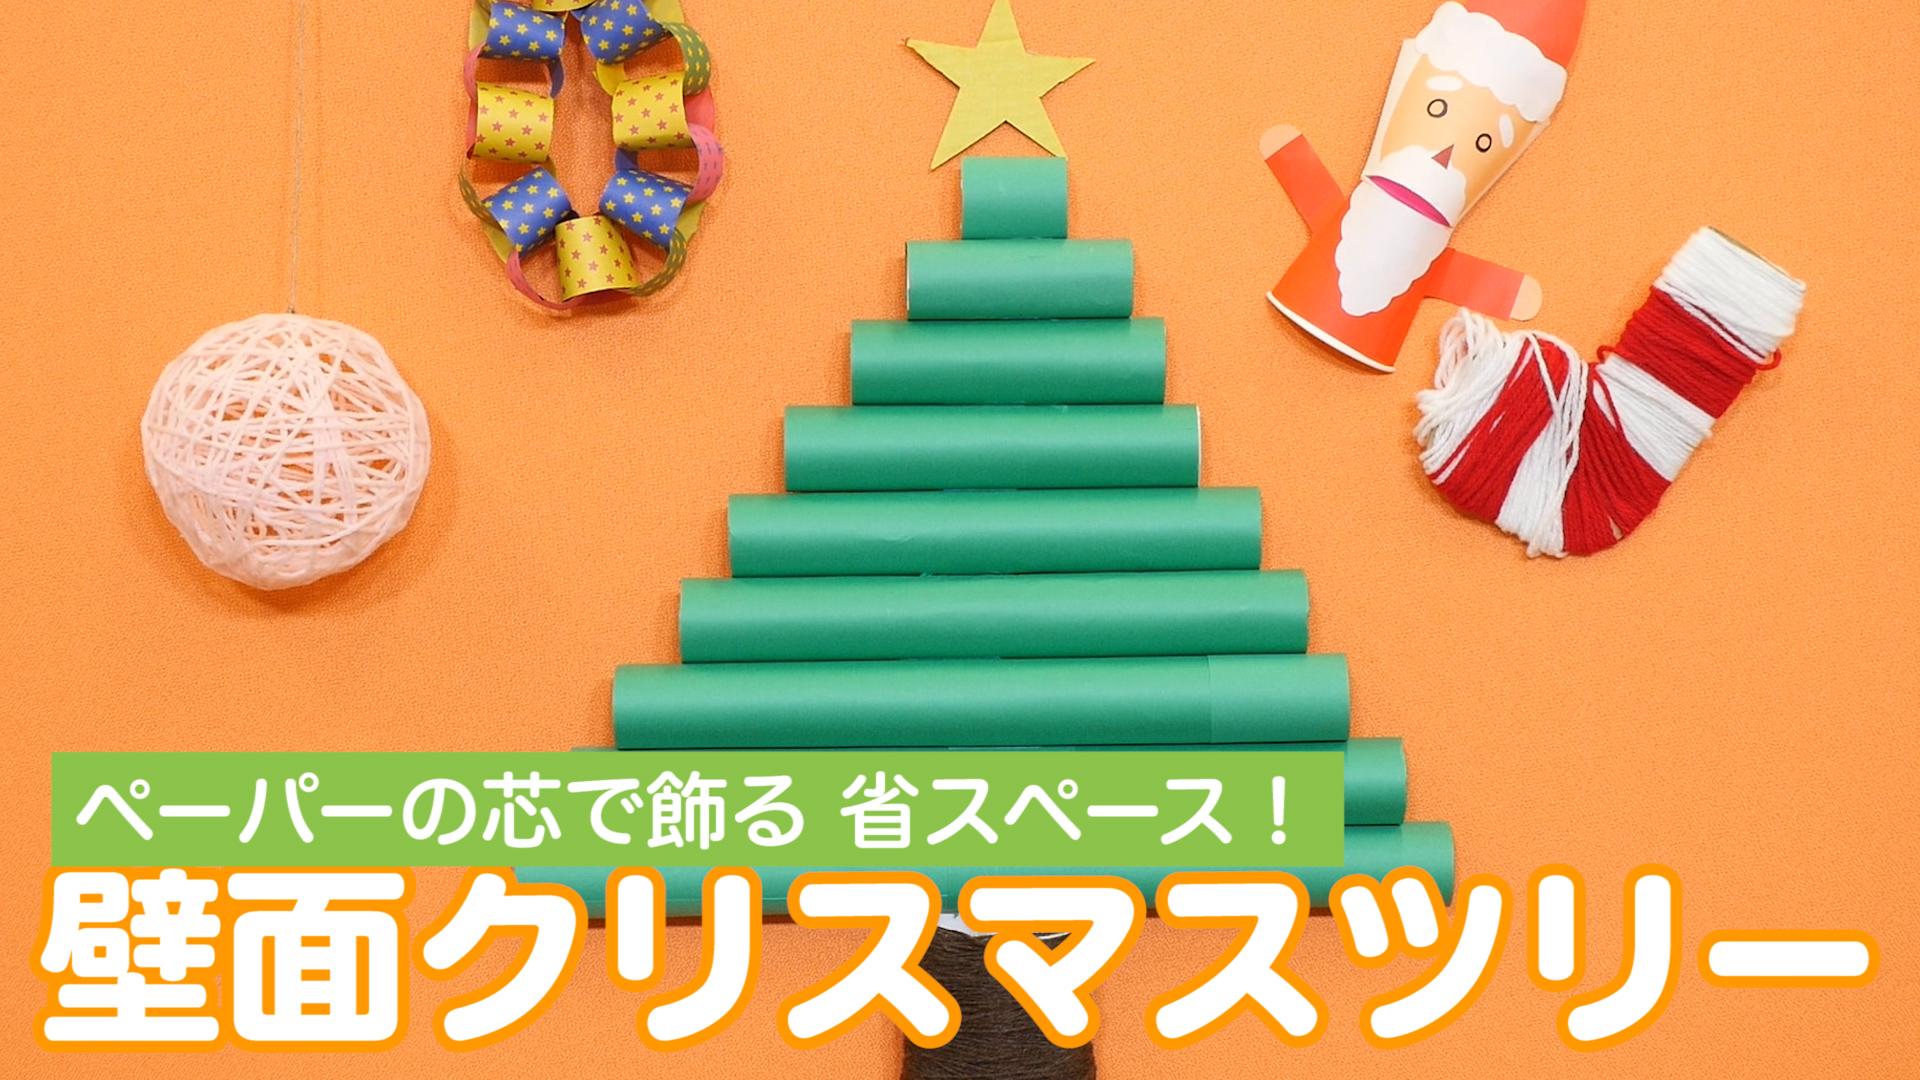 動画】壁面クリスマスツリー♪ 手作りで飾り付けしよう!│保育